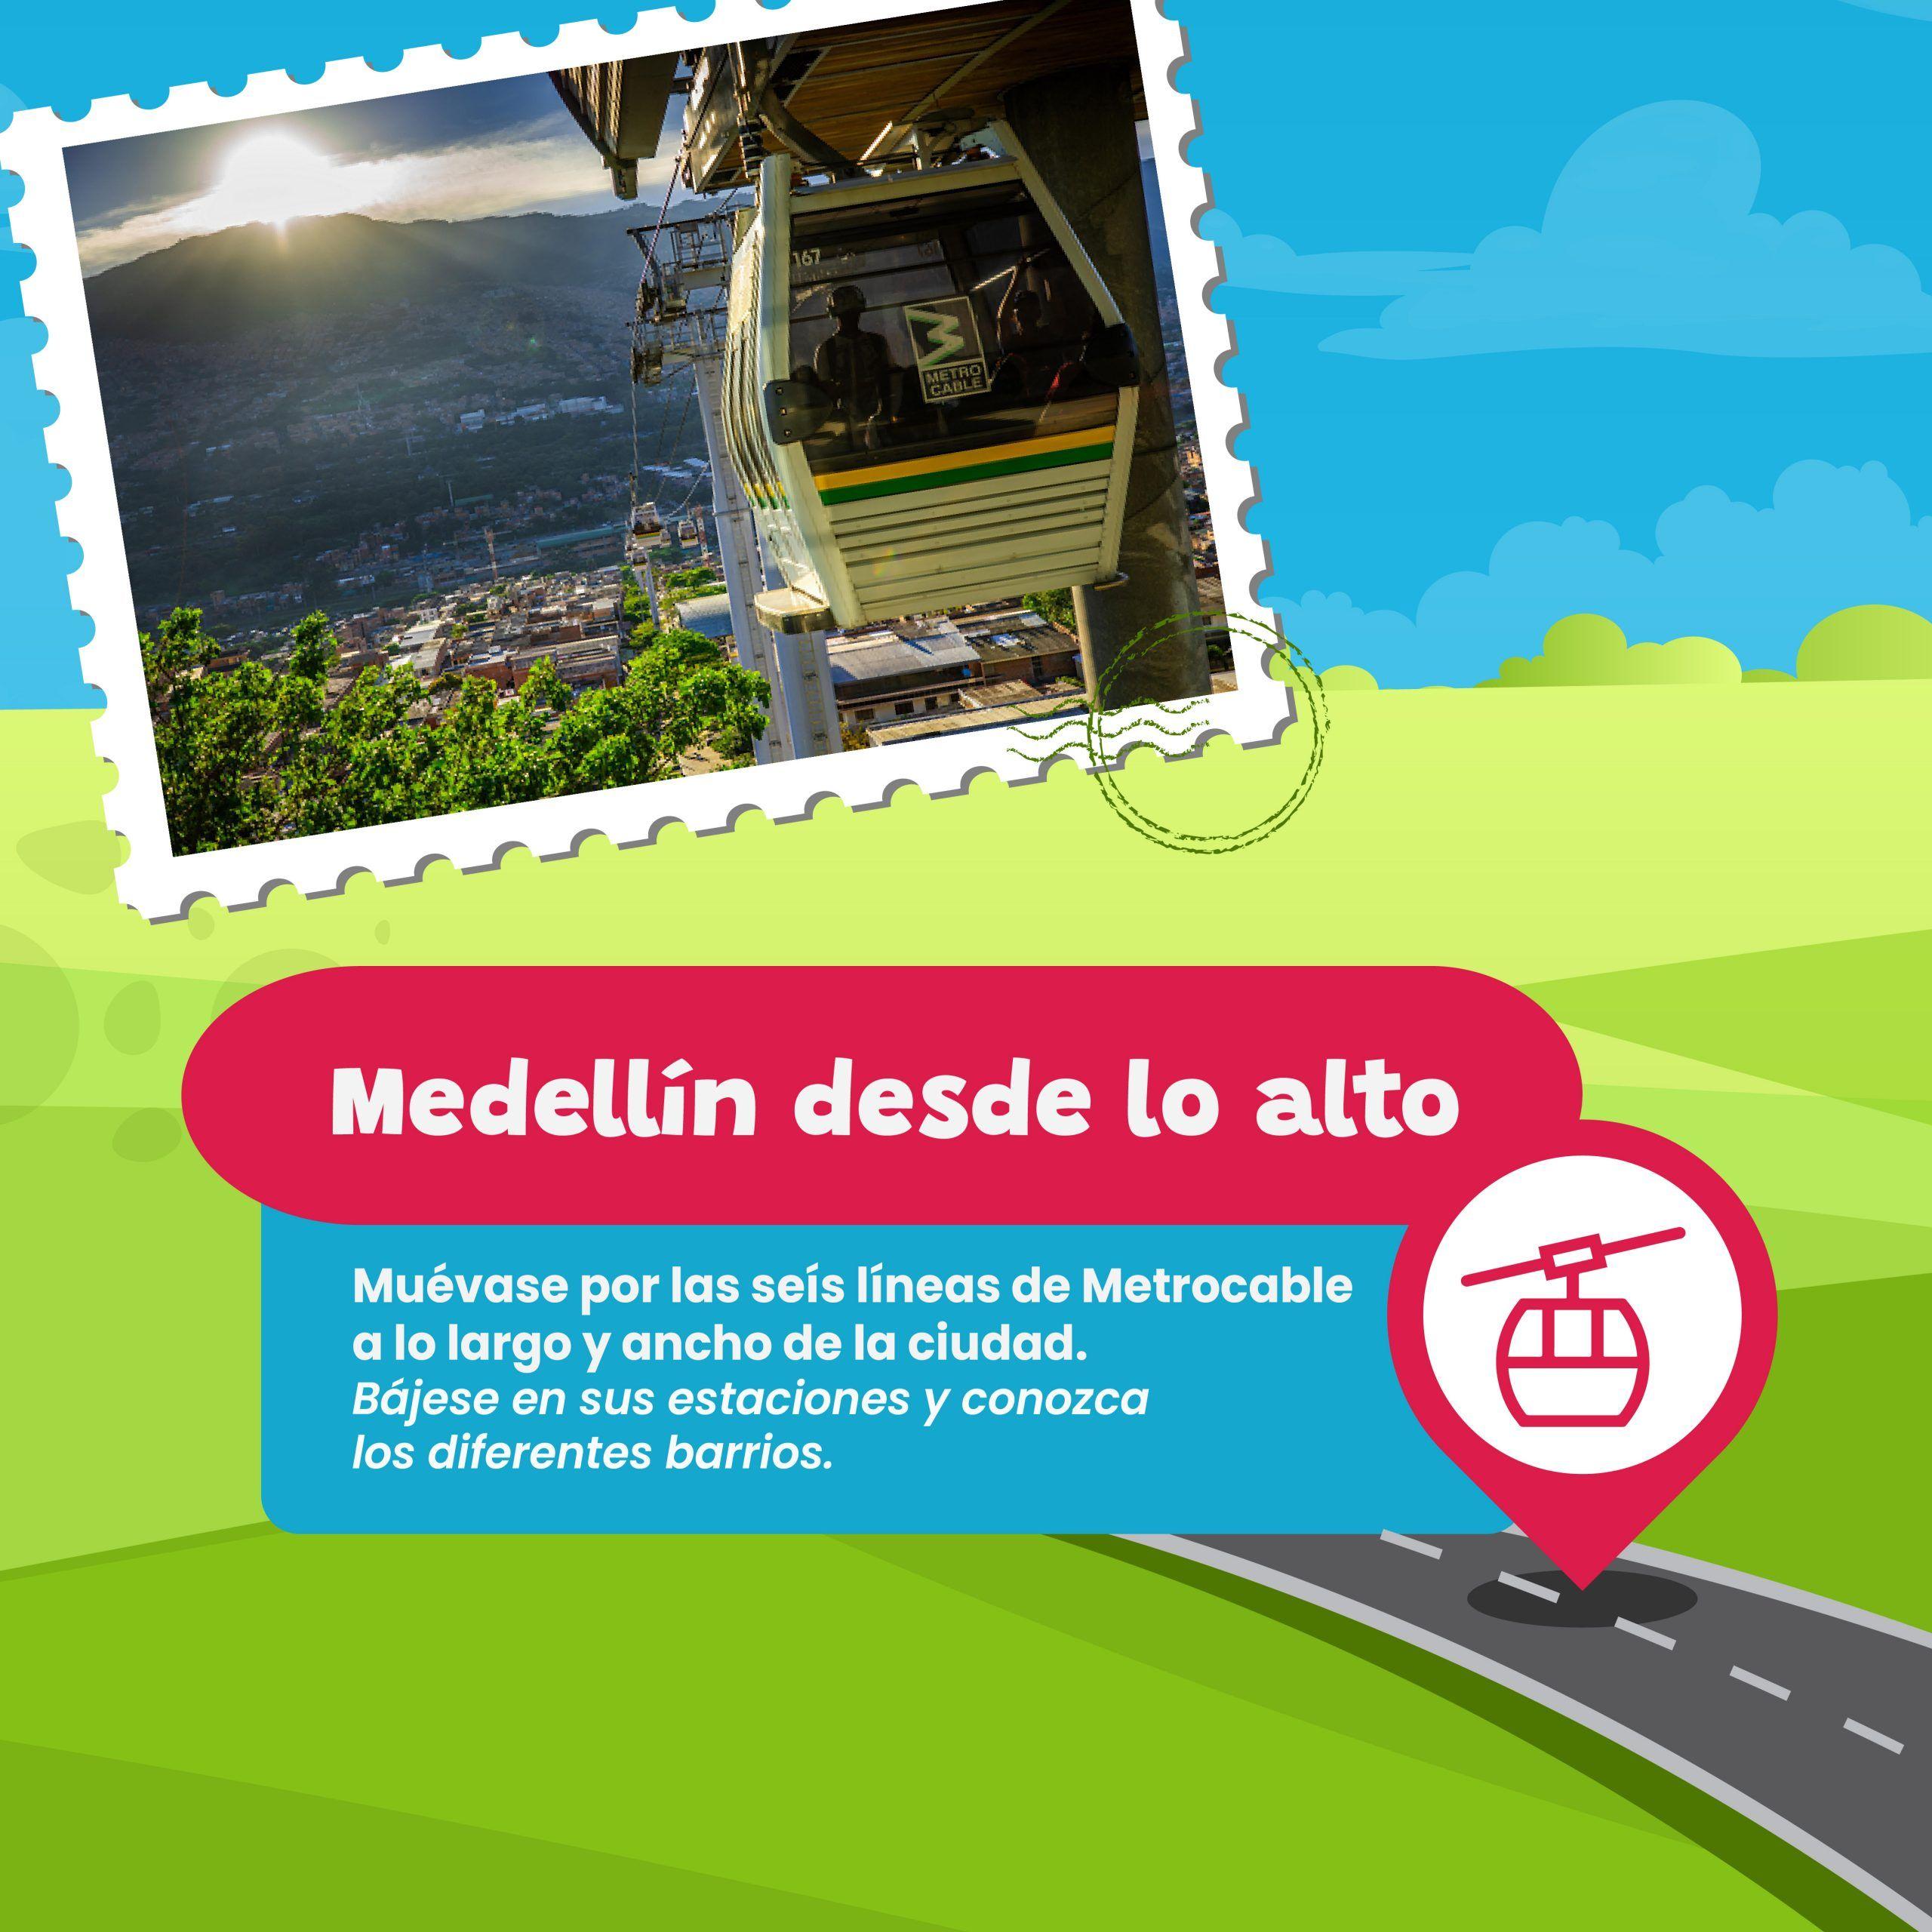 Medellín desde lo alto